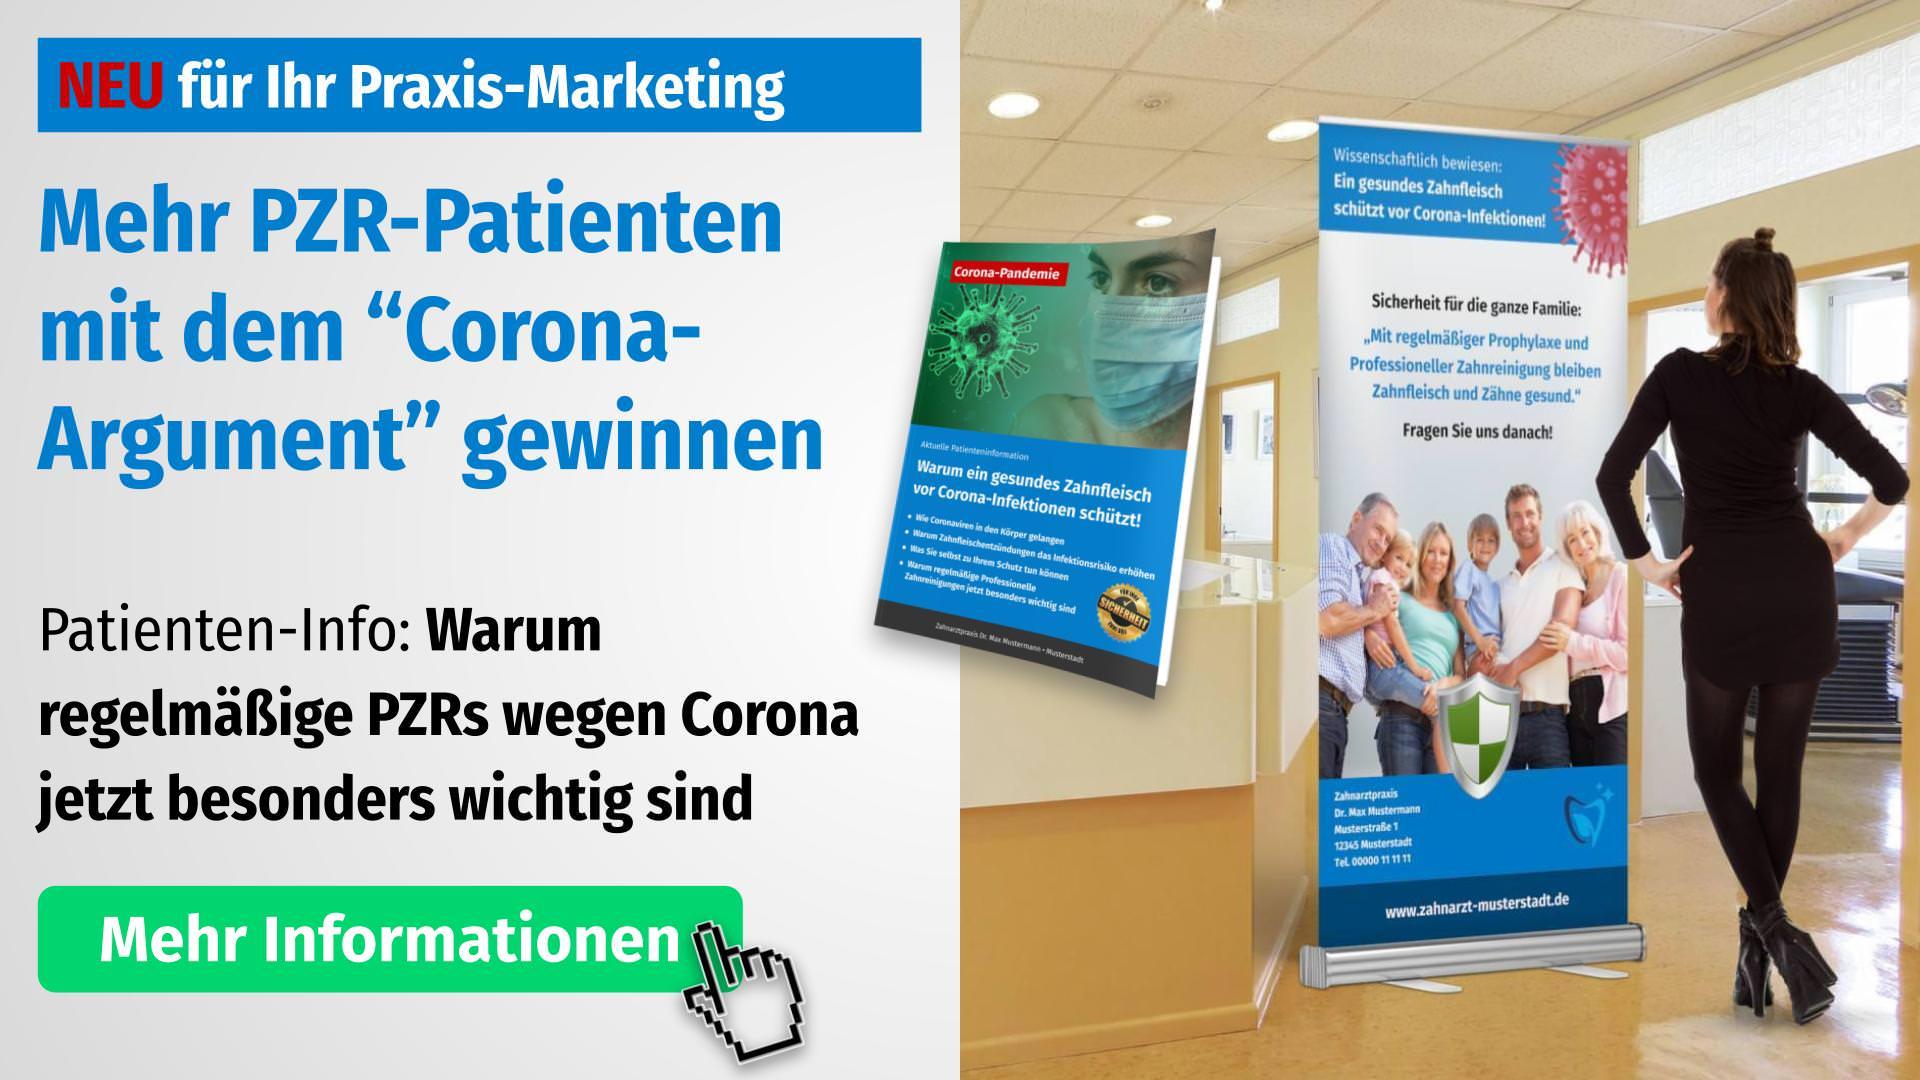 Corona-Flyer: Warum regelmäßige Zahnarztbesuche wichtiger denn je sind